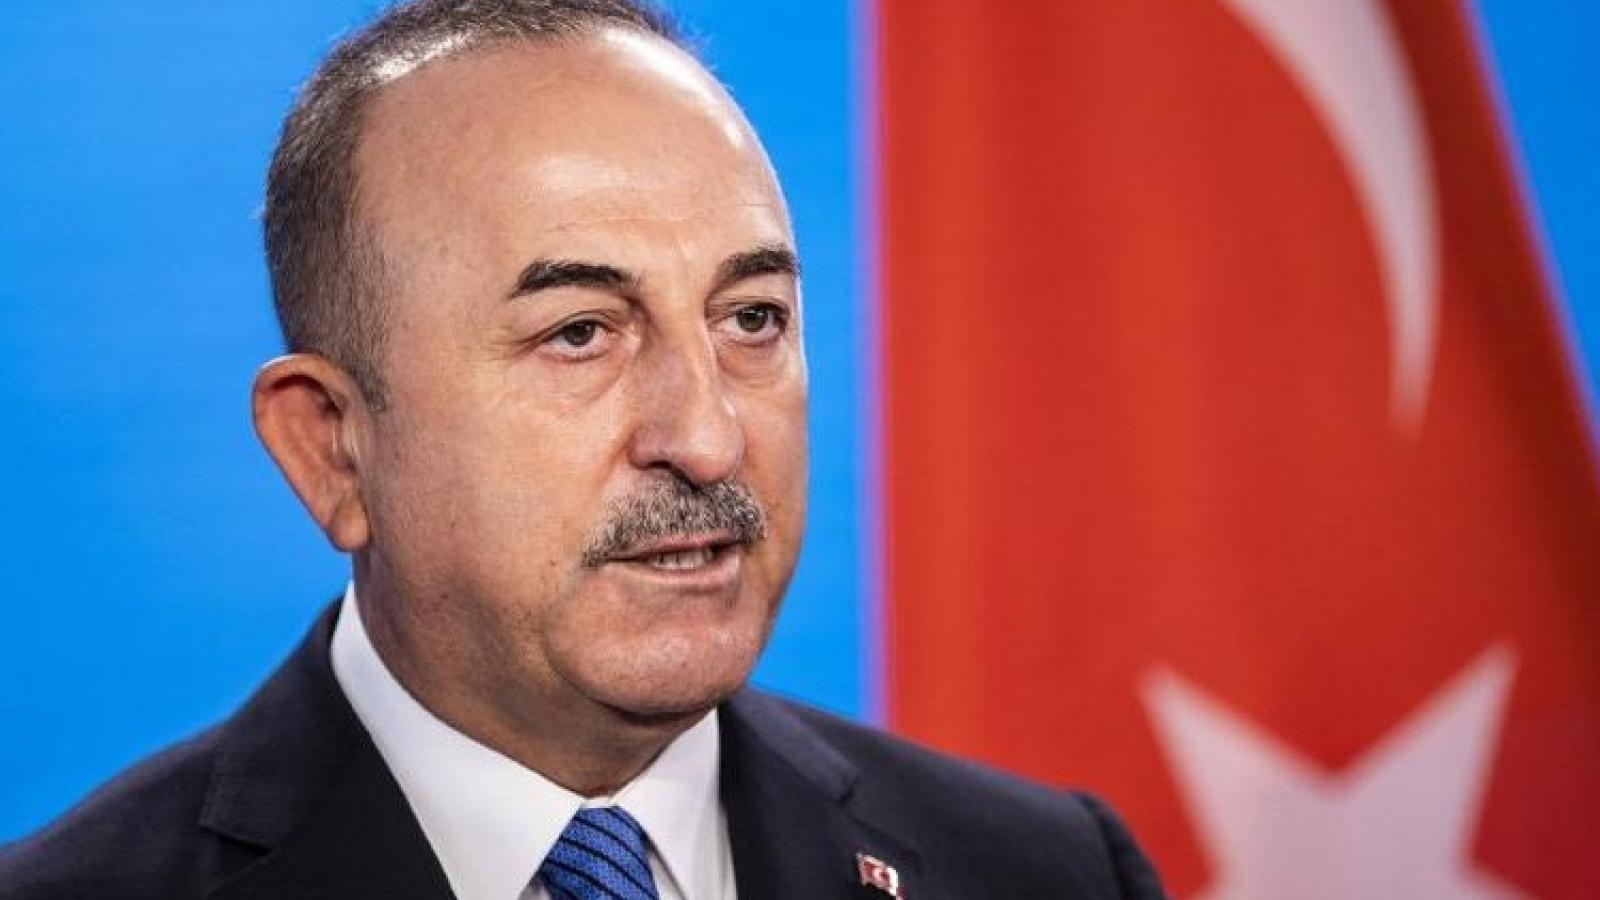 Thổ Nhĩ Kỳ nỗ lực hàn gắn quan hệ với các nước Arab